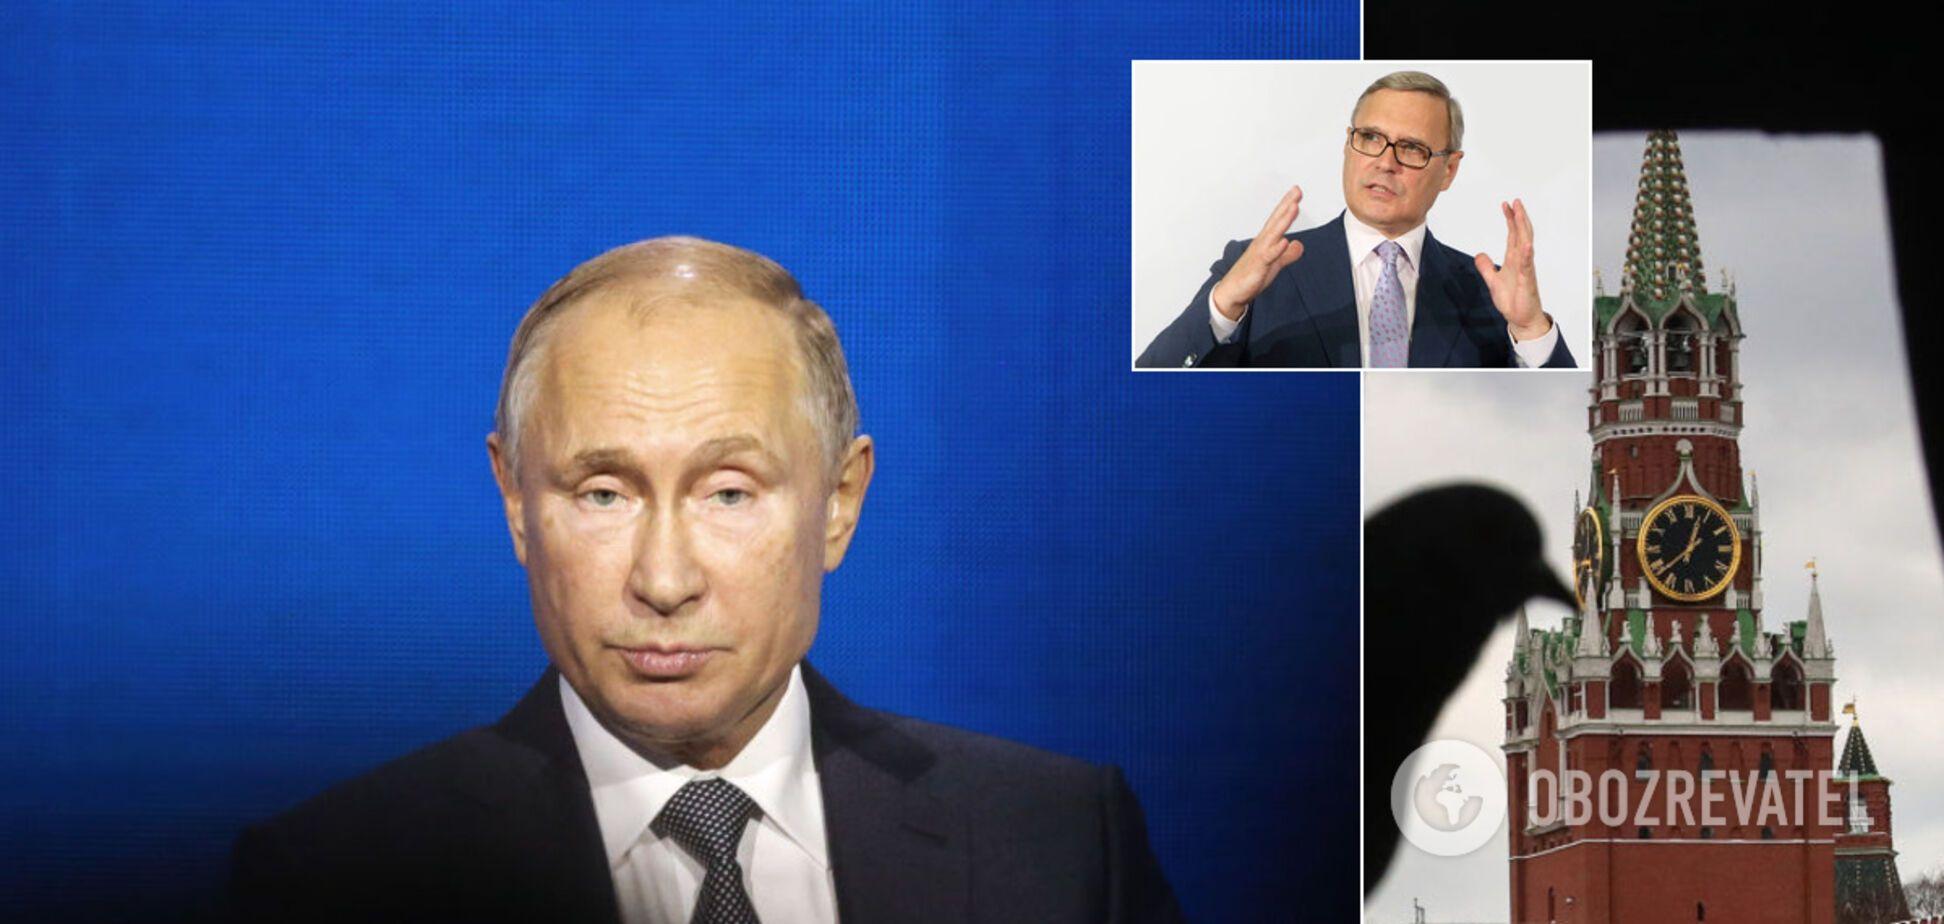 Еліта в Кремлі тремтить. Якщо Путін почне 'божеволіти', буде зачистка – інтерв'ю з Михайлом Касьяновим